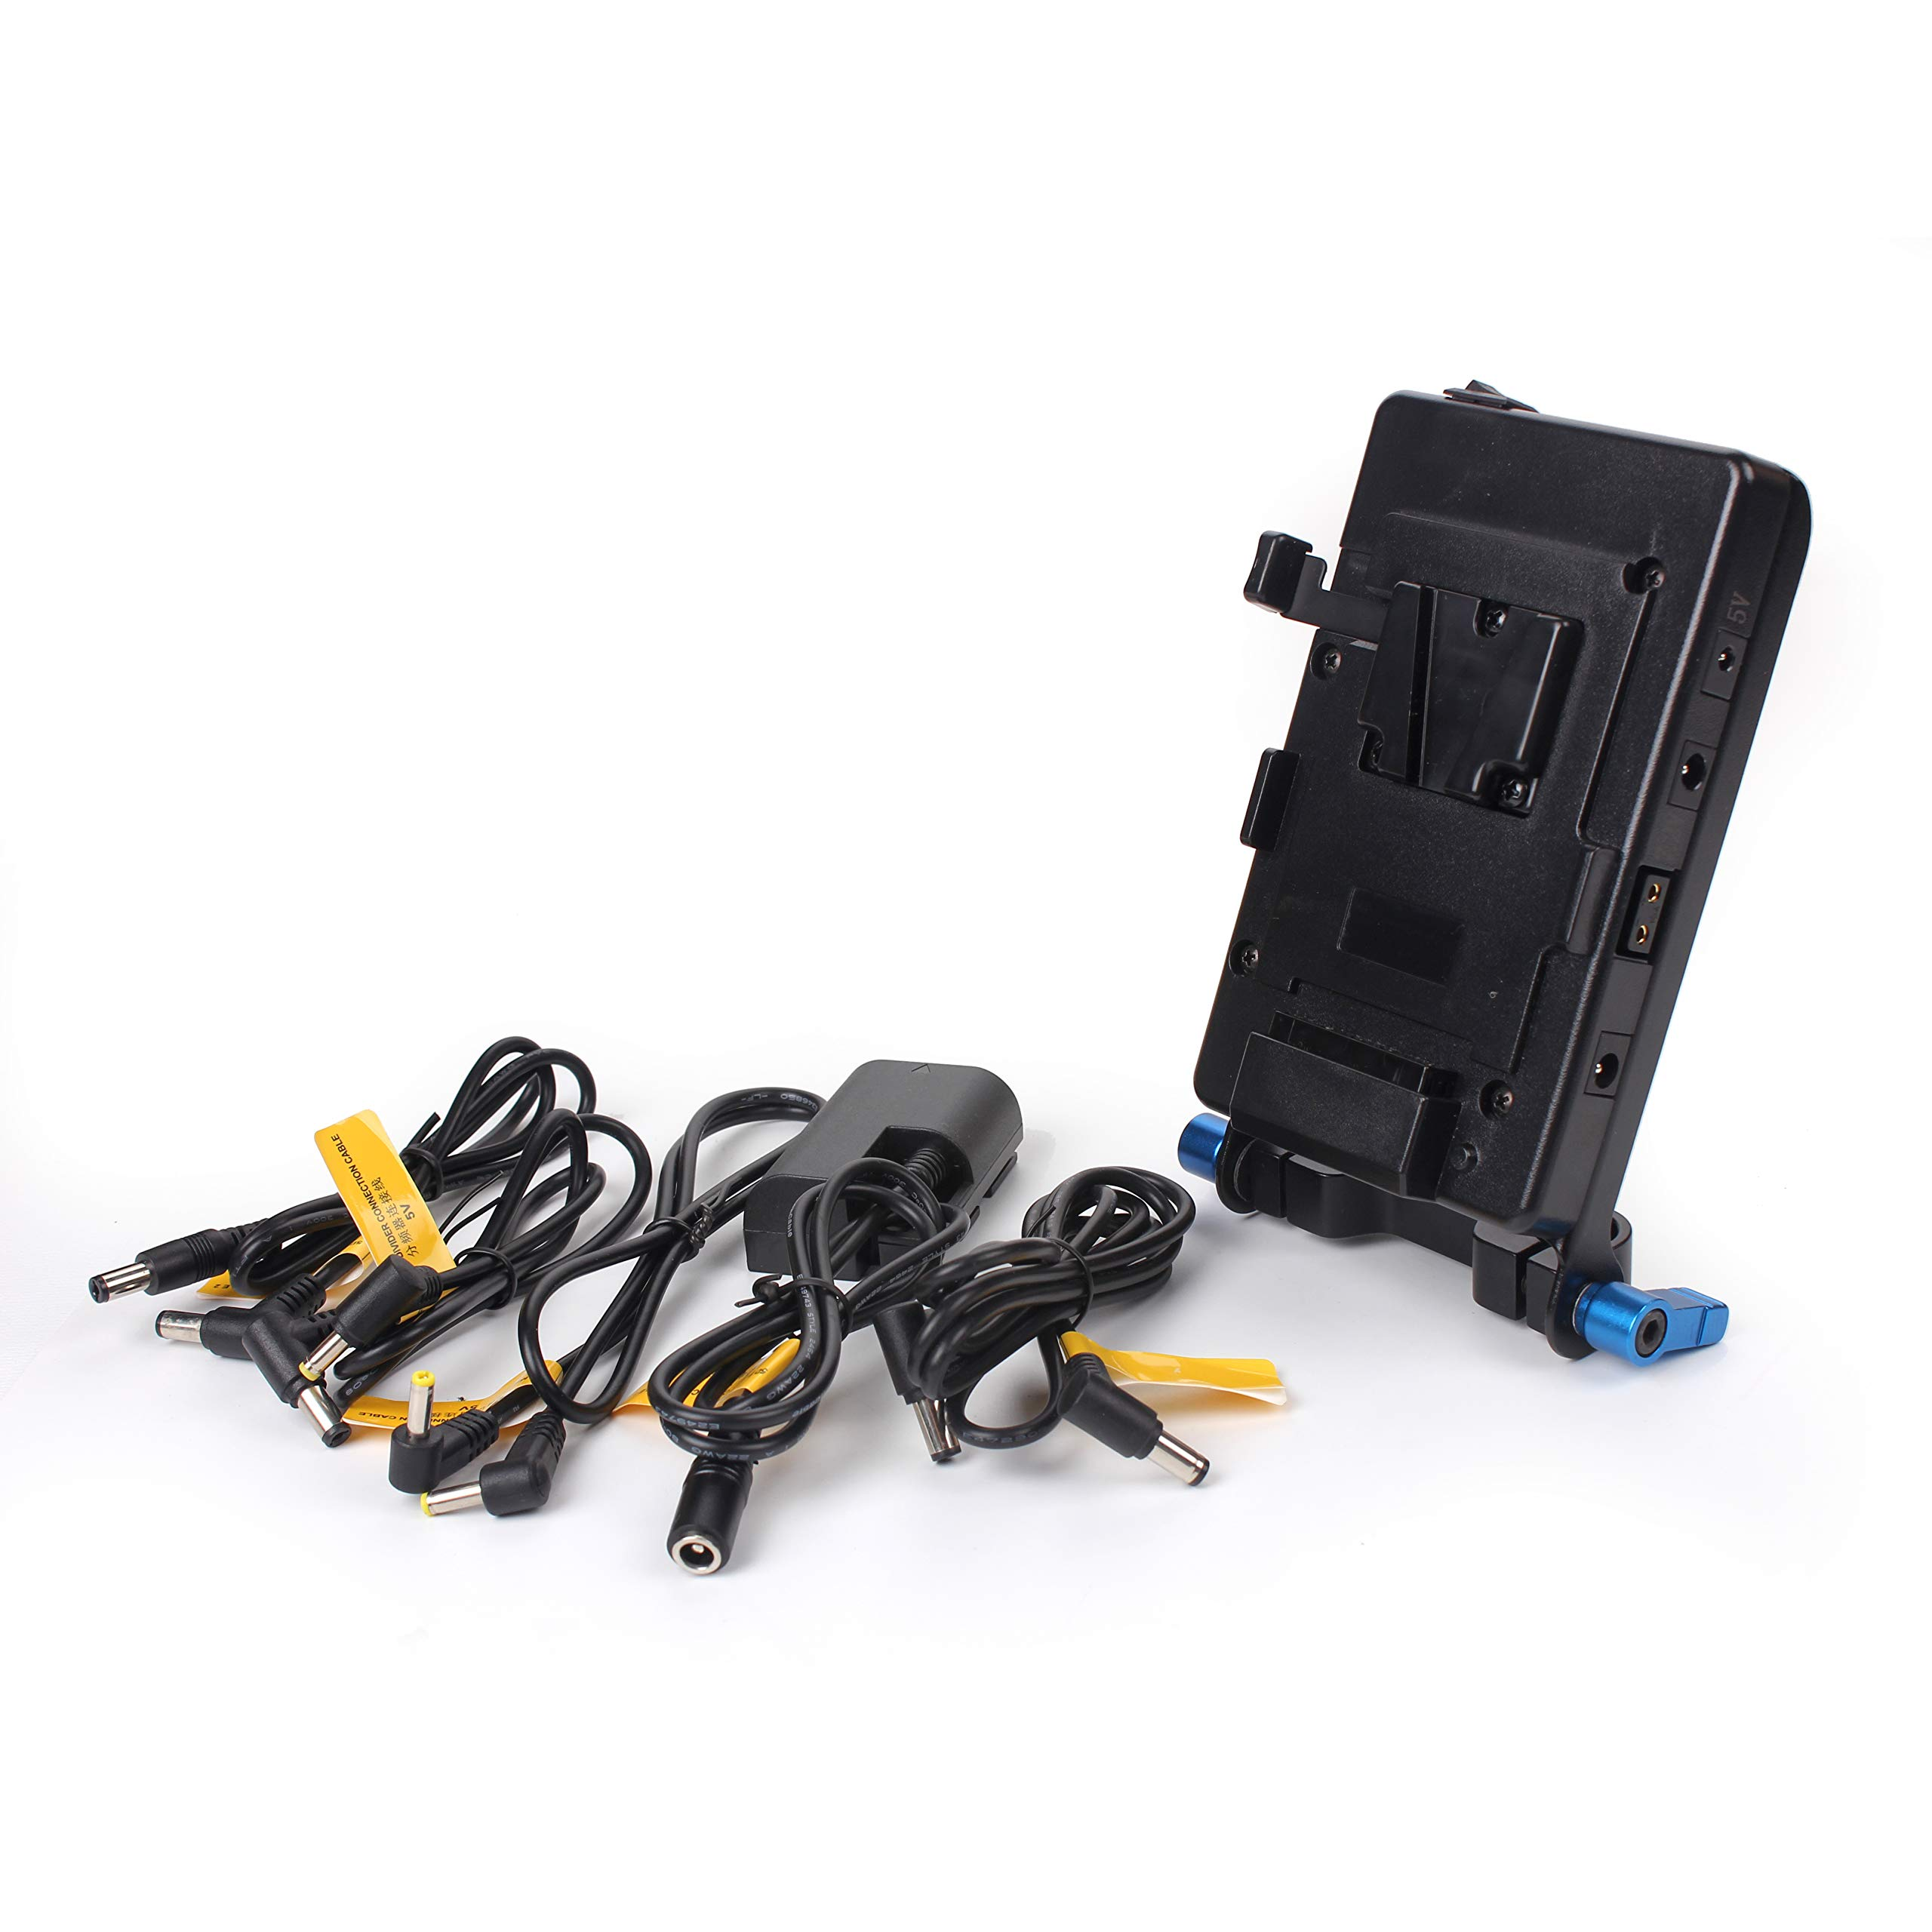 SOONWELL Mounting Splitter Battery Adapter